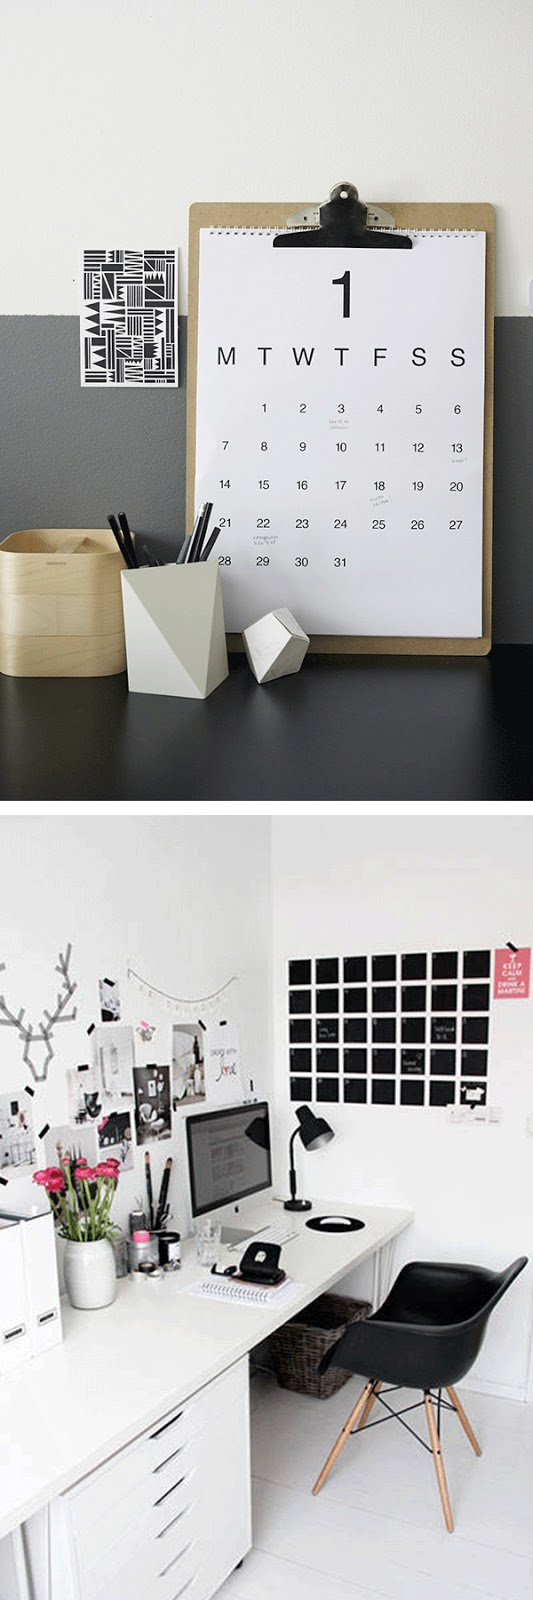 calendario da tavolo - calendario wall decor - interior design styling